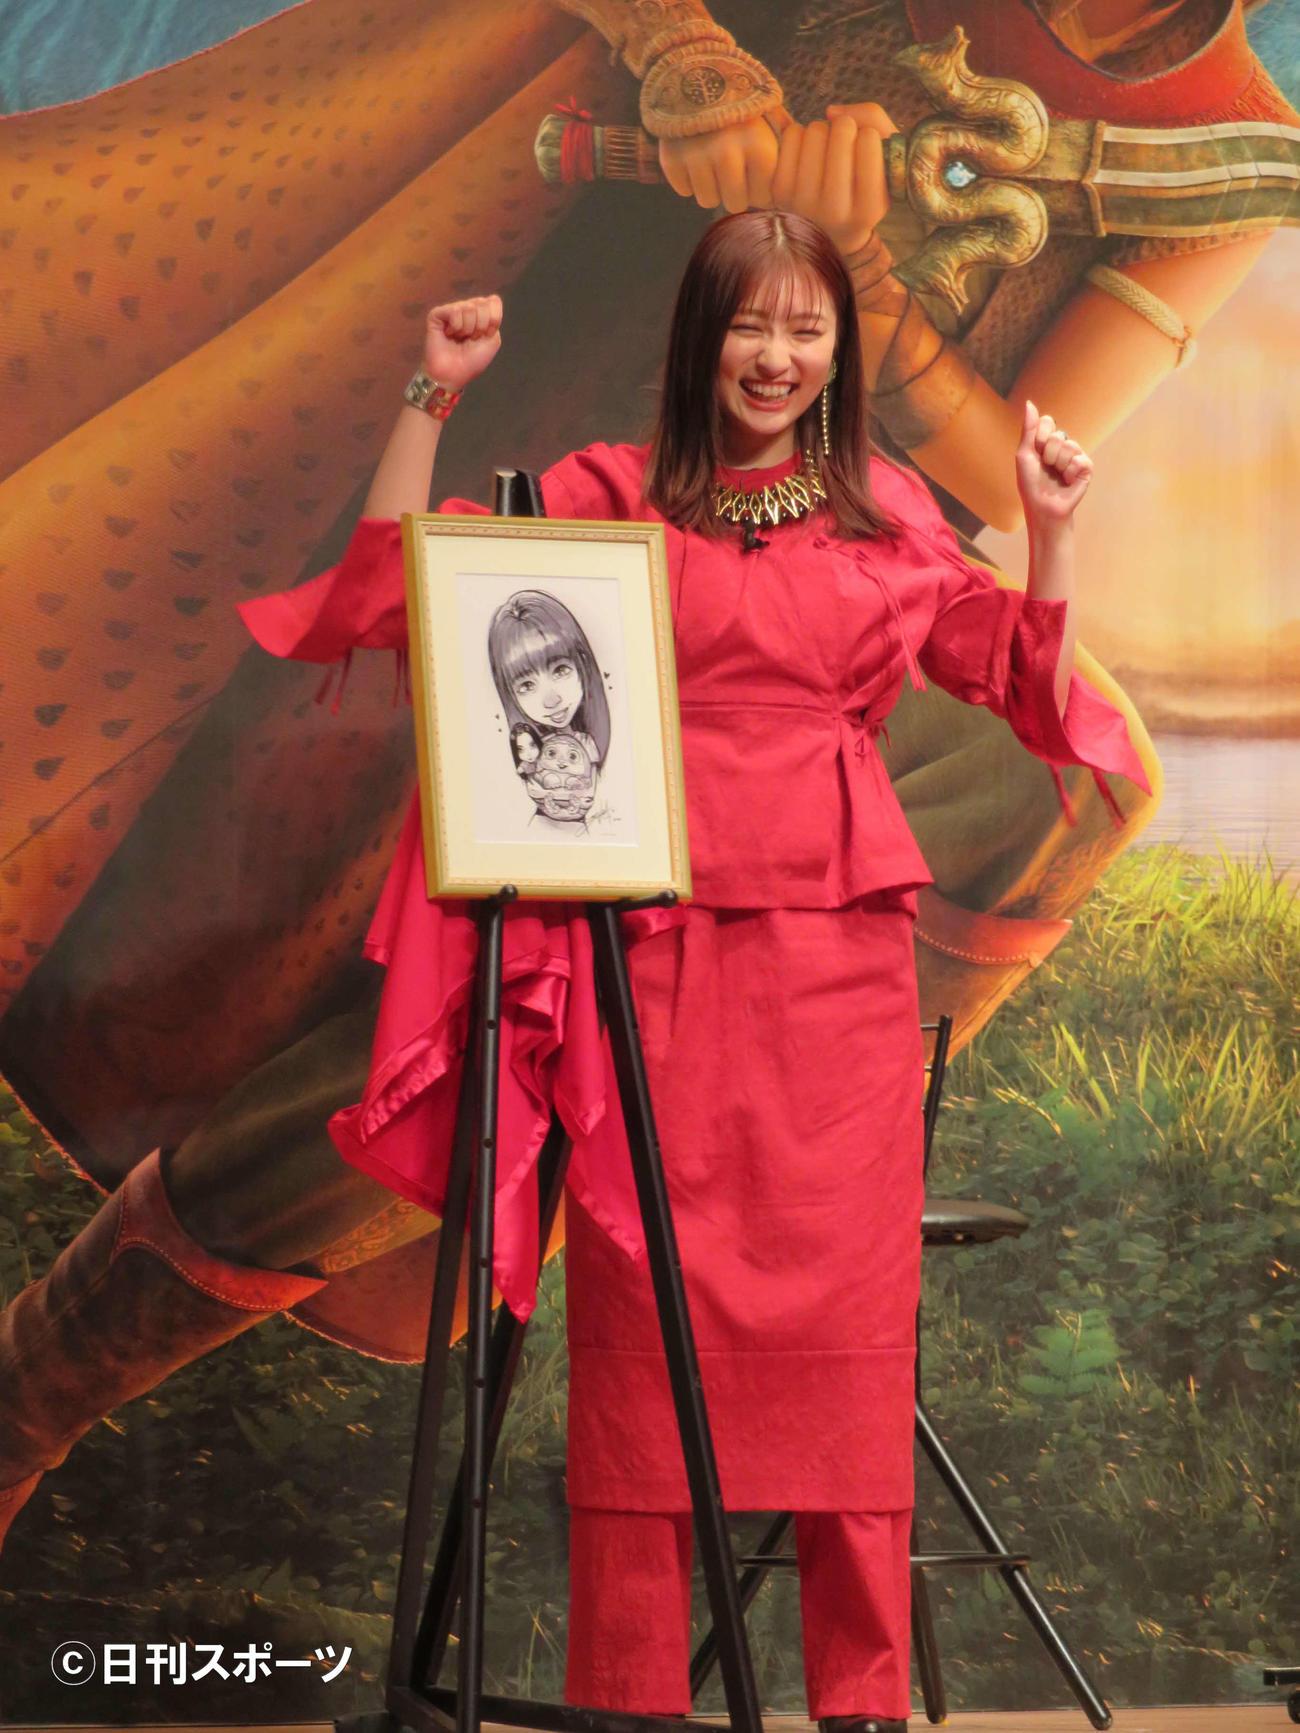 アニメ映画「ラーヤと龍の王国」イベントで、ディズニースタジオのアニメーターからの直筆イラストを贈られ、喜ぶ吉川愛(撮影・村上幸将)